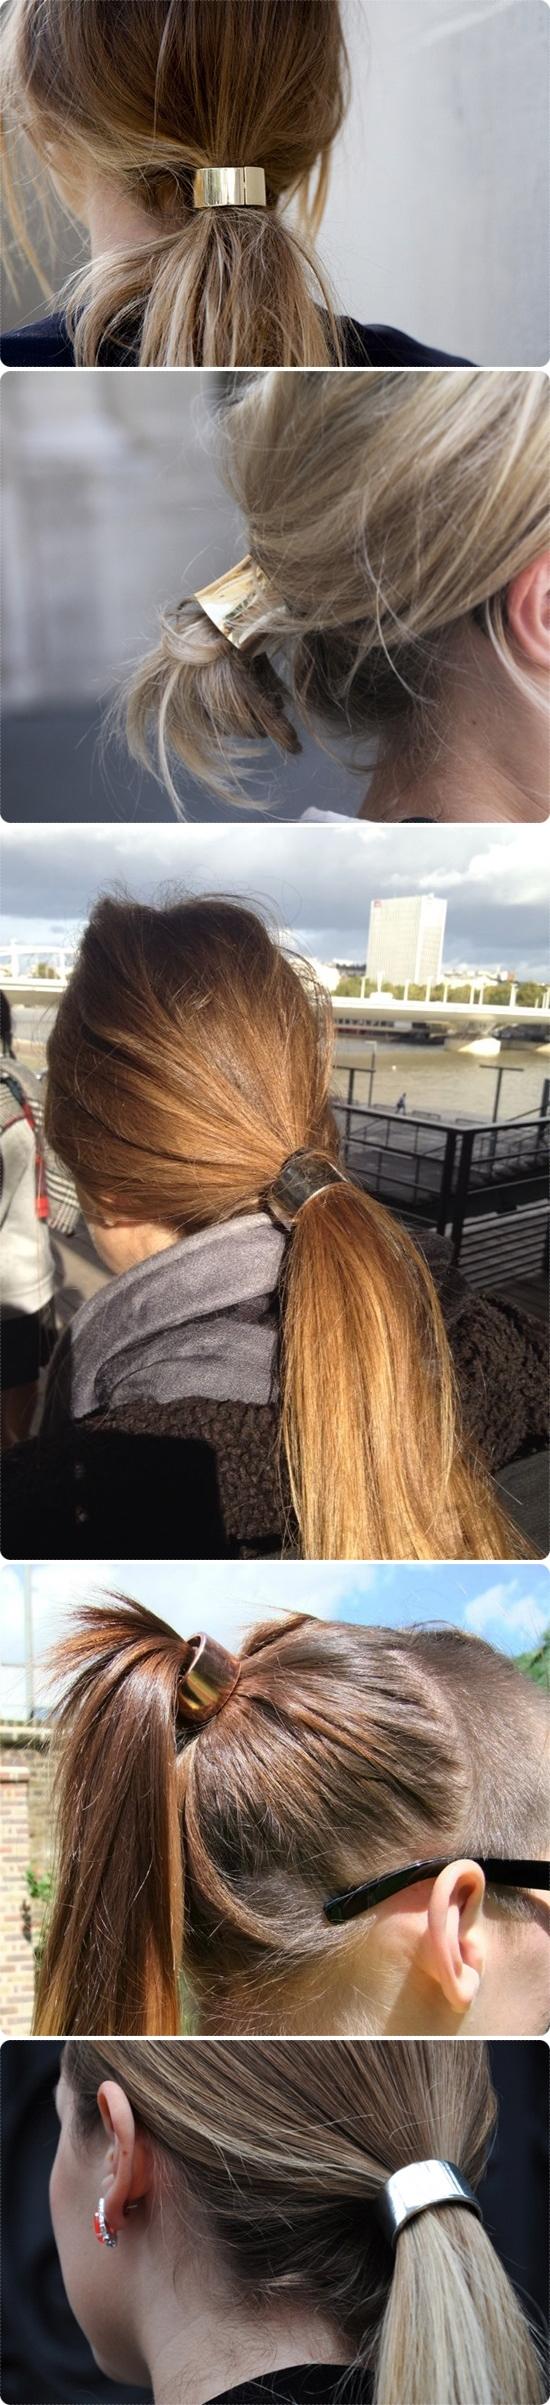 Bisbilhoteiras   Blog   Trend: hair cuff